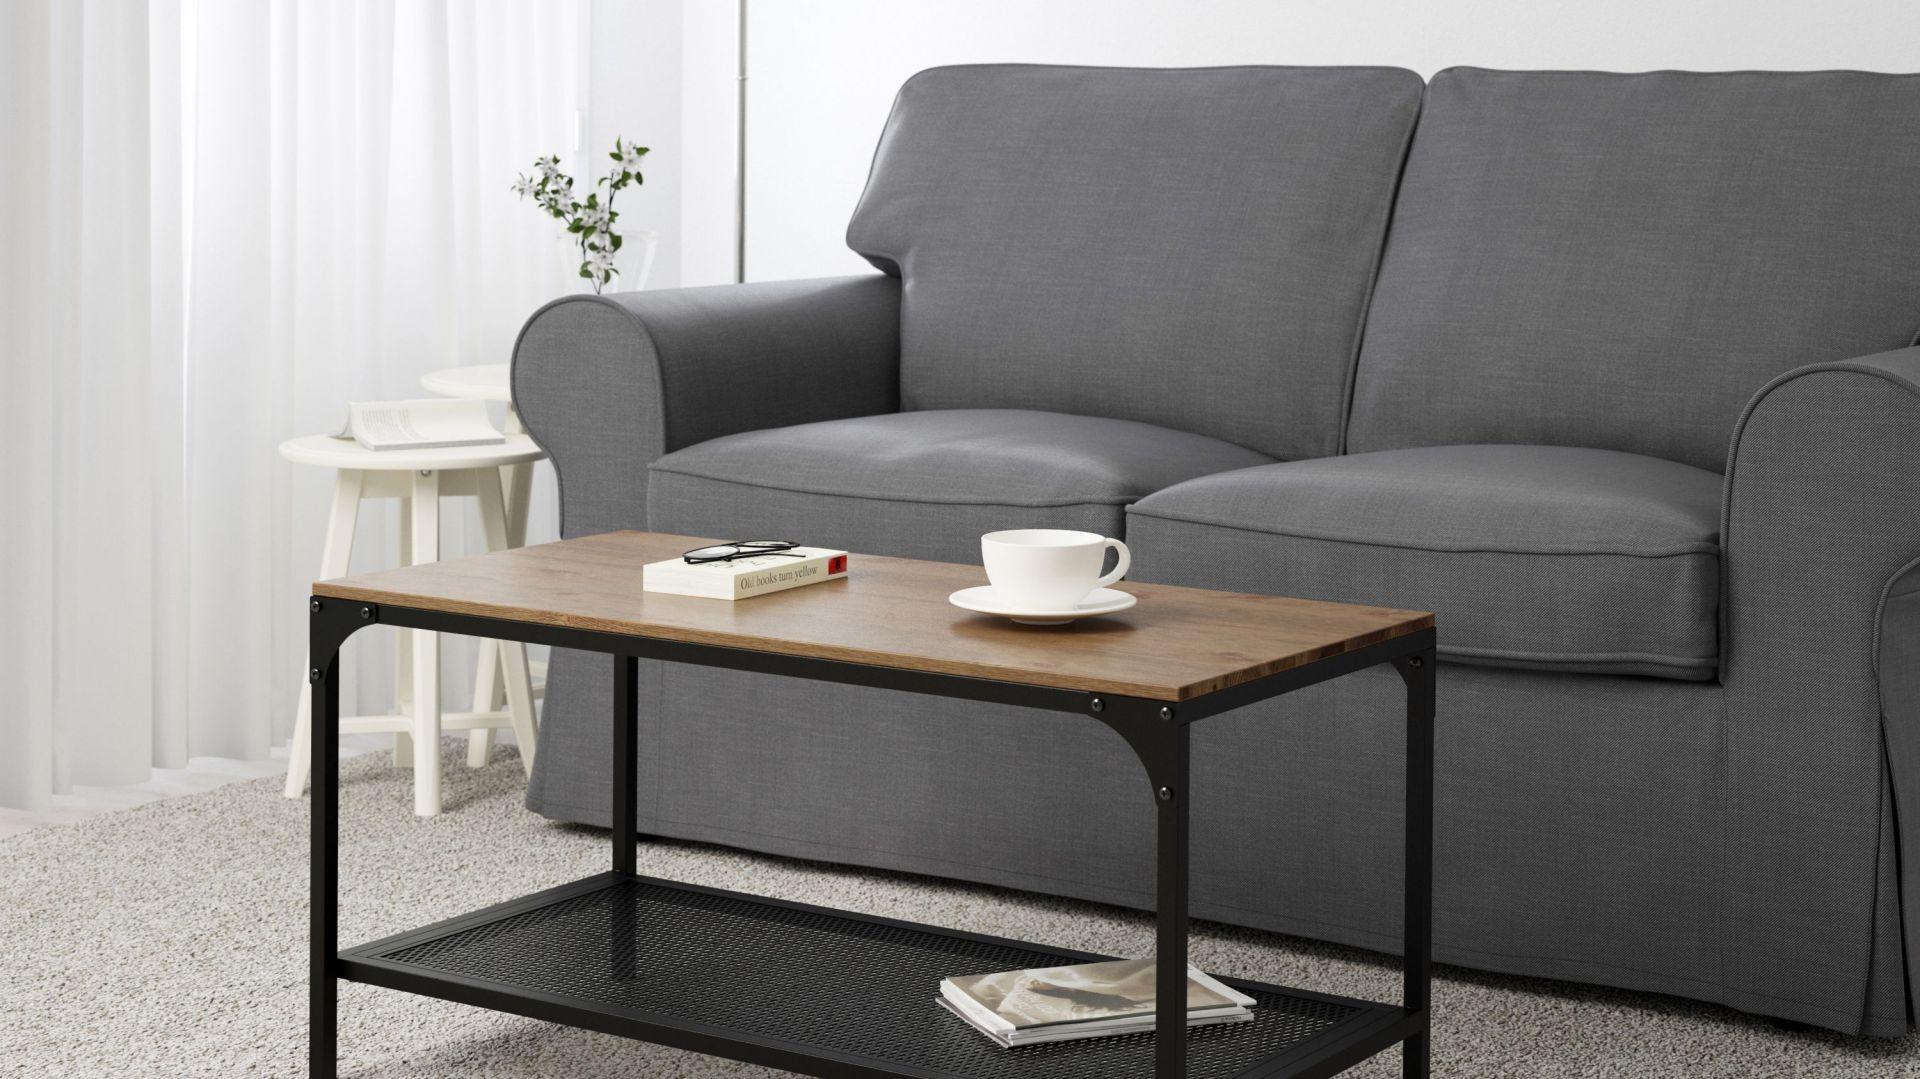 Ikea stoliki kawowe – na który się zdecydować?